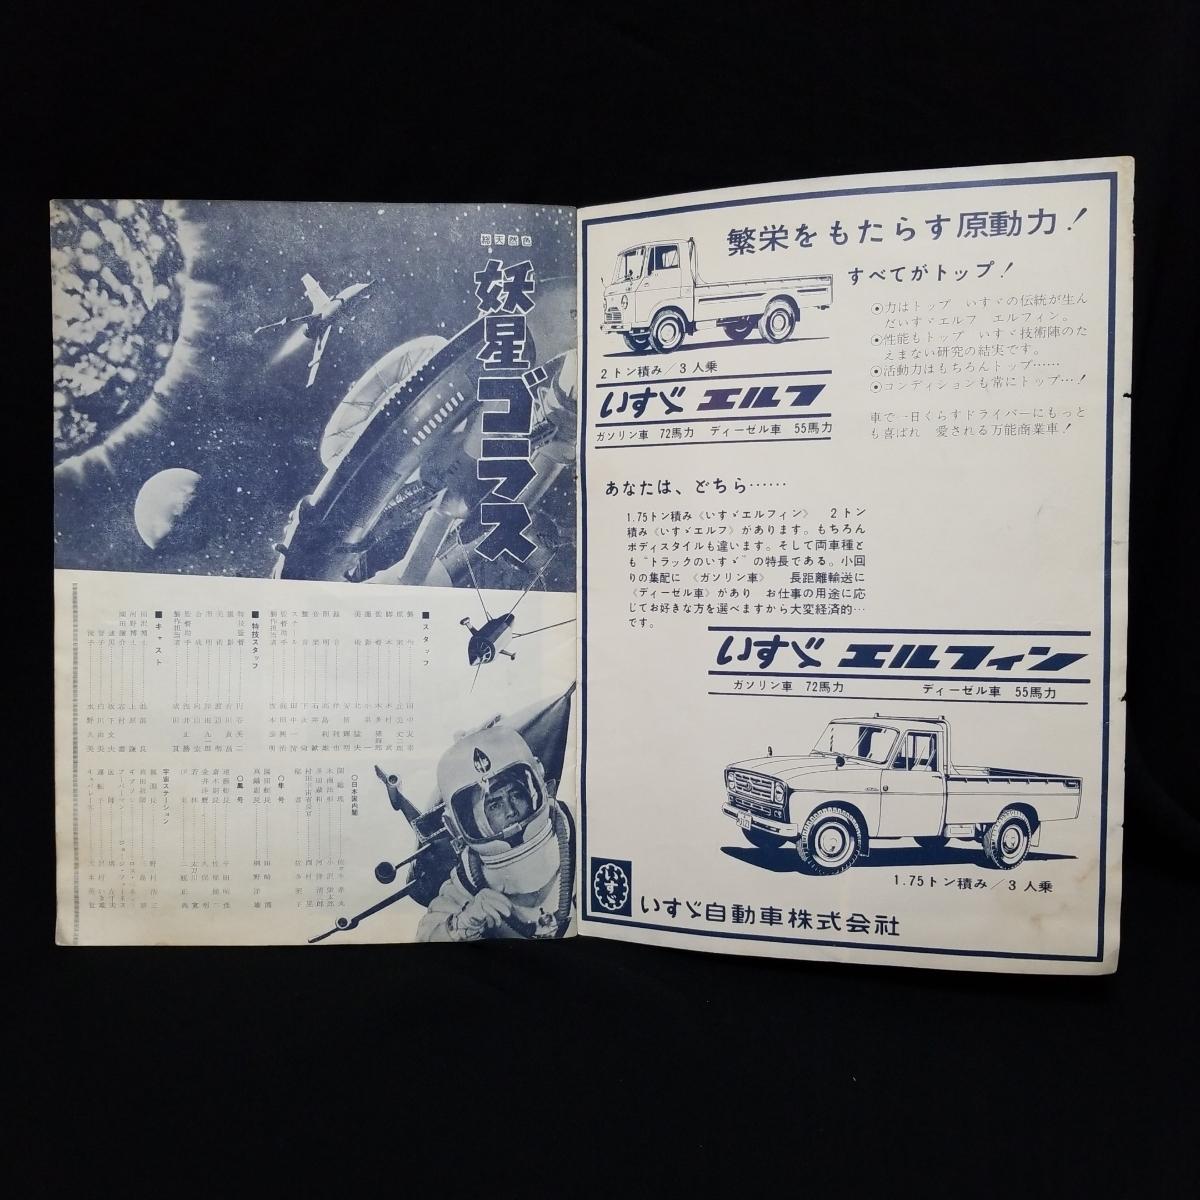 妖星ゴラス パンフレット 昭和37年 当時物 東宝 円谷英二 特撮映画_画像3